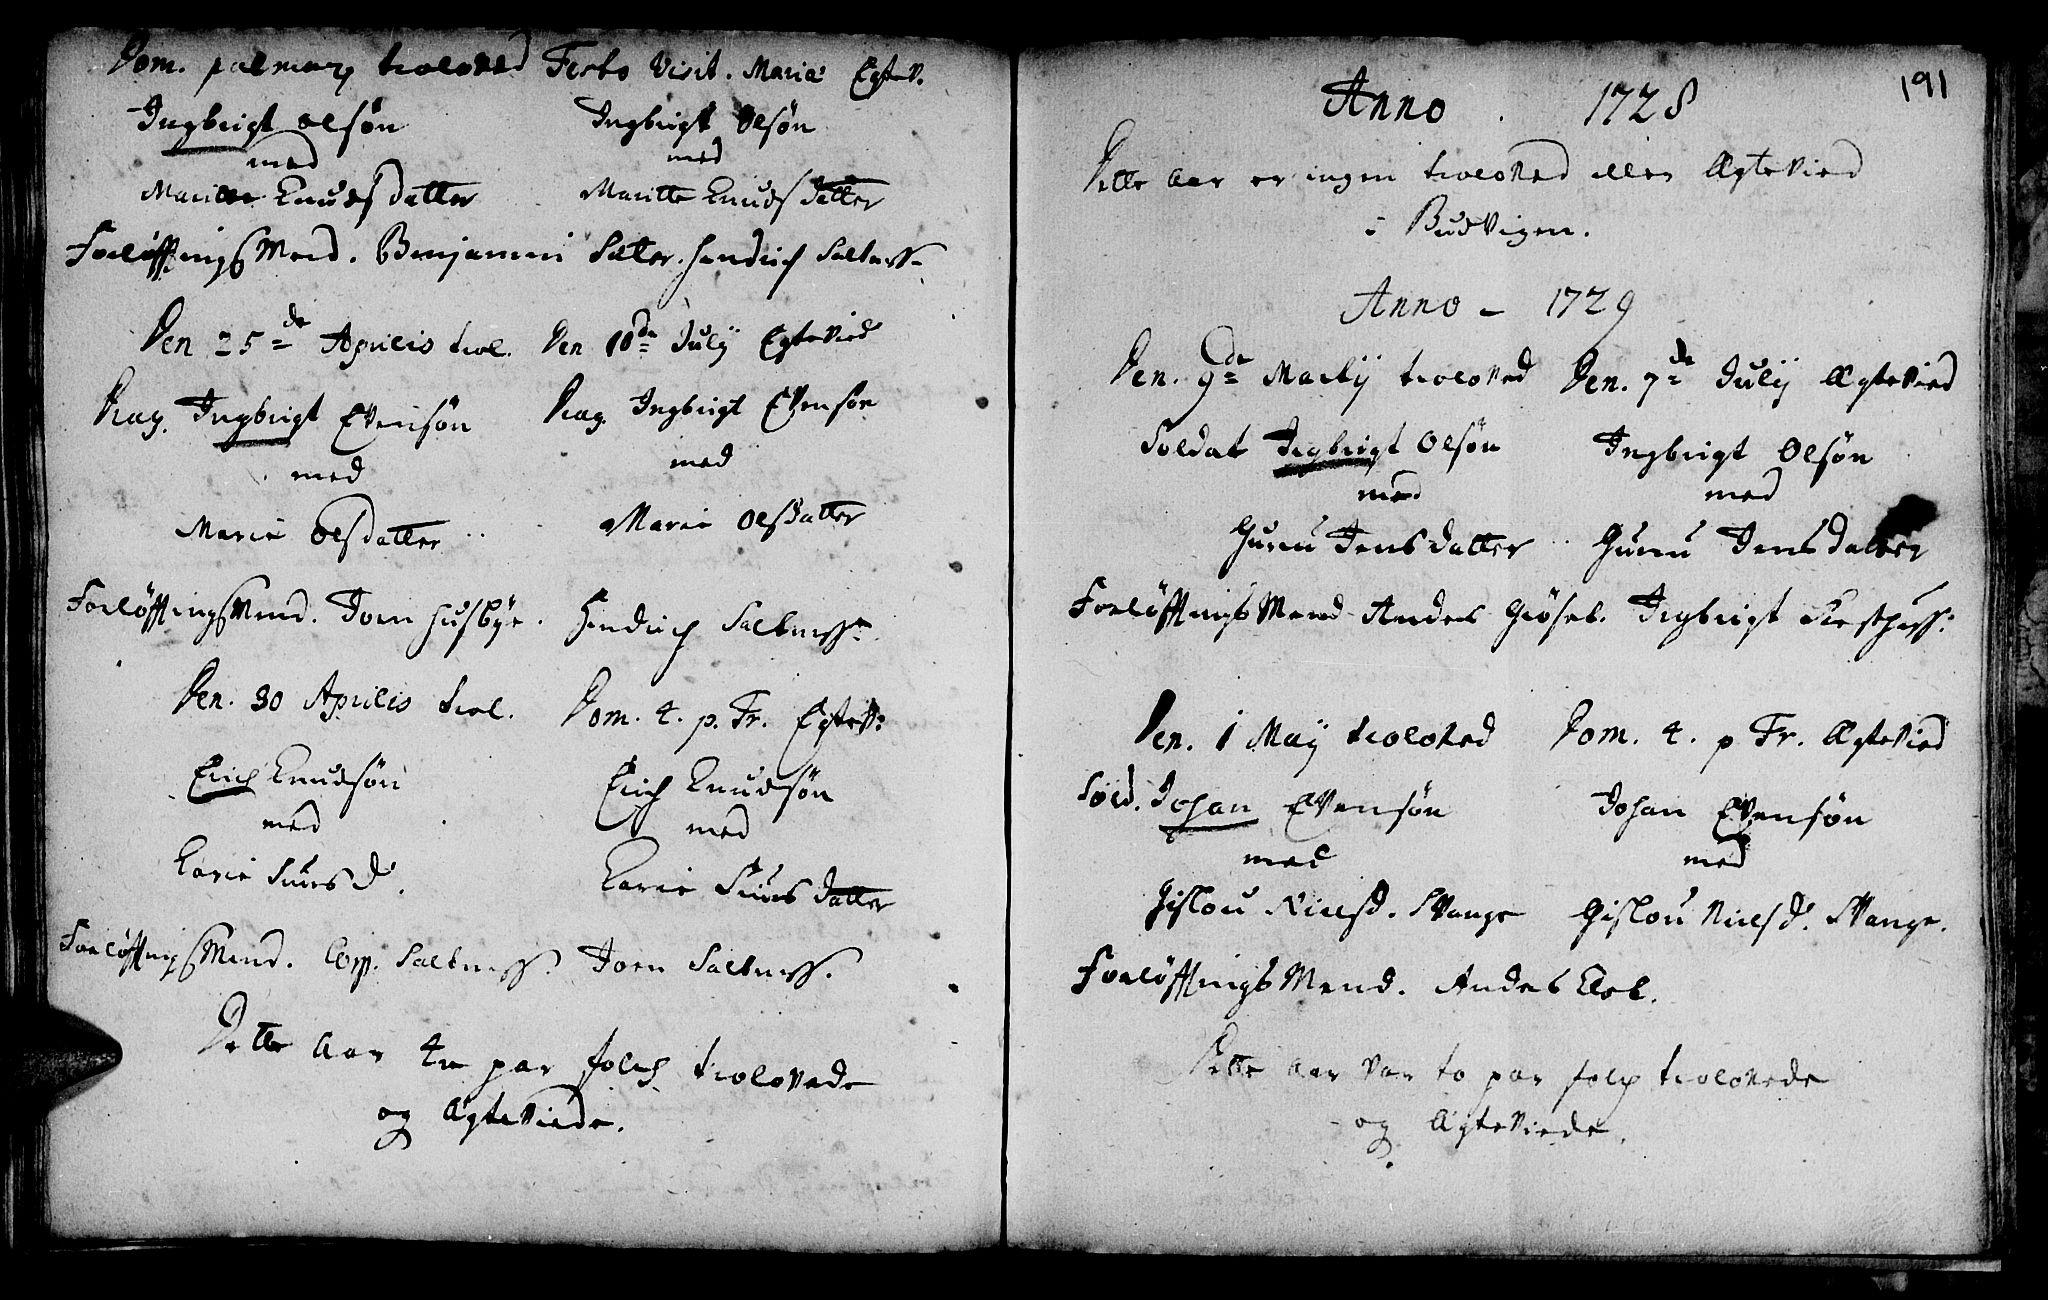 SAT, Ministerialprotokoller, klokkerbøker og fødselsregistre - Sør-Trøndelag, 666/L0783: Ministerialbok nr. 666A01, 1702-1753, s. 191